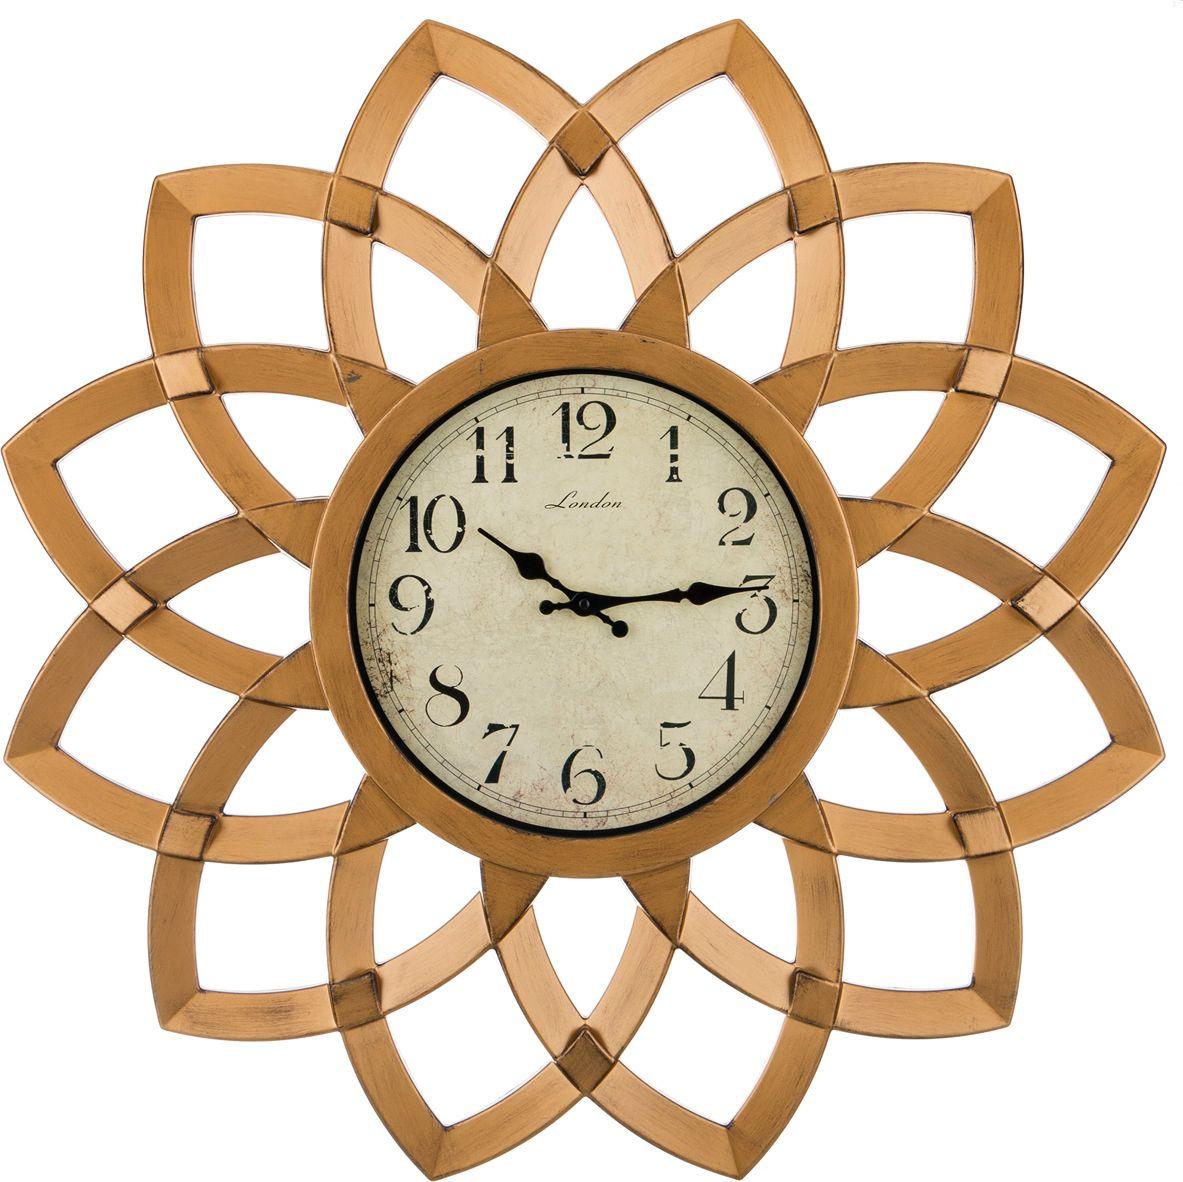 Настенные часы Lefard Swiss Home, кварцевые, 74 х 74 х 5 см стол mariott d80 х 74 см